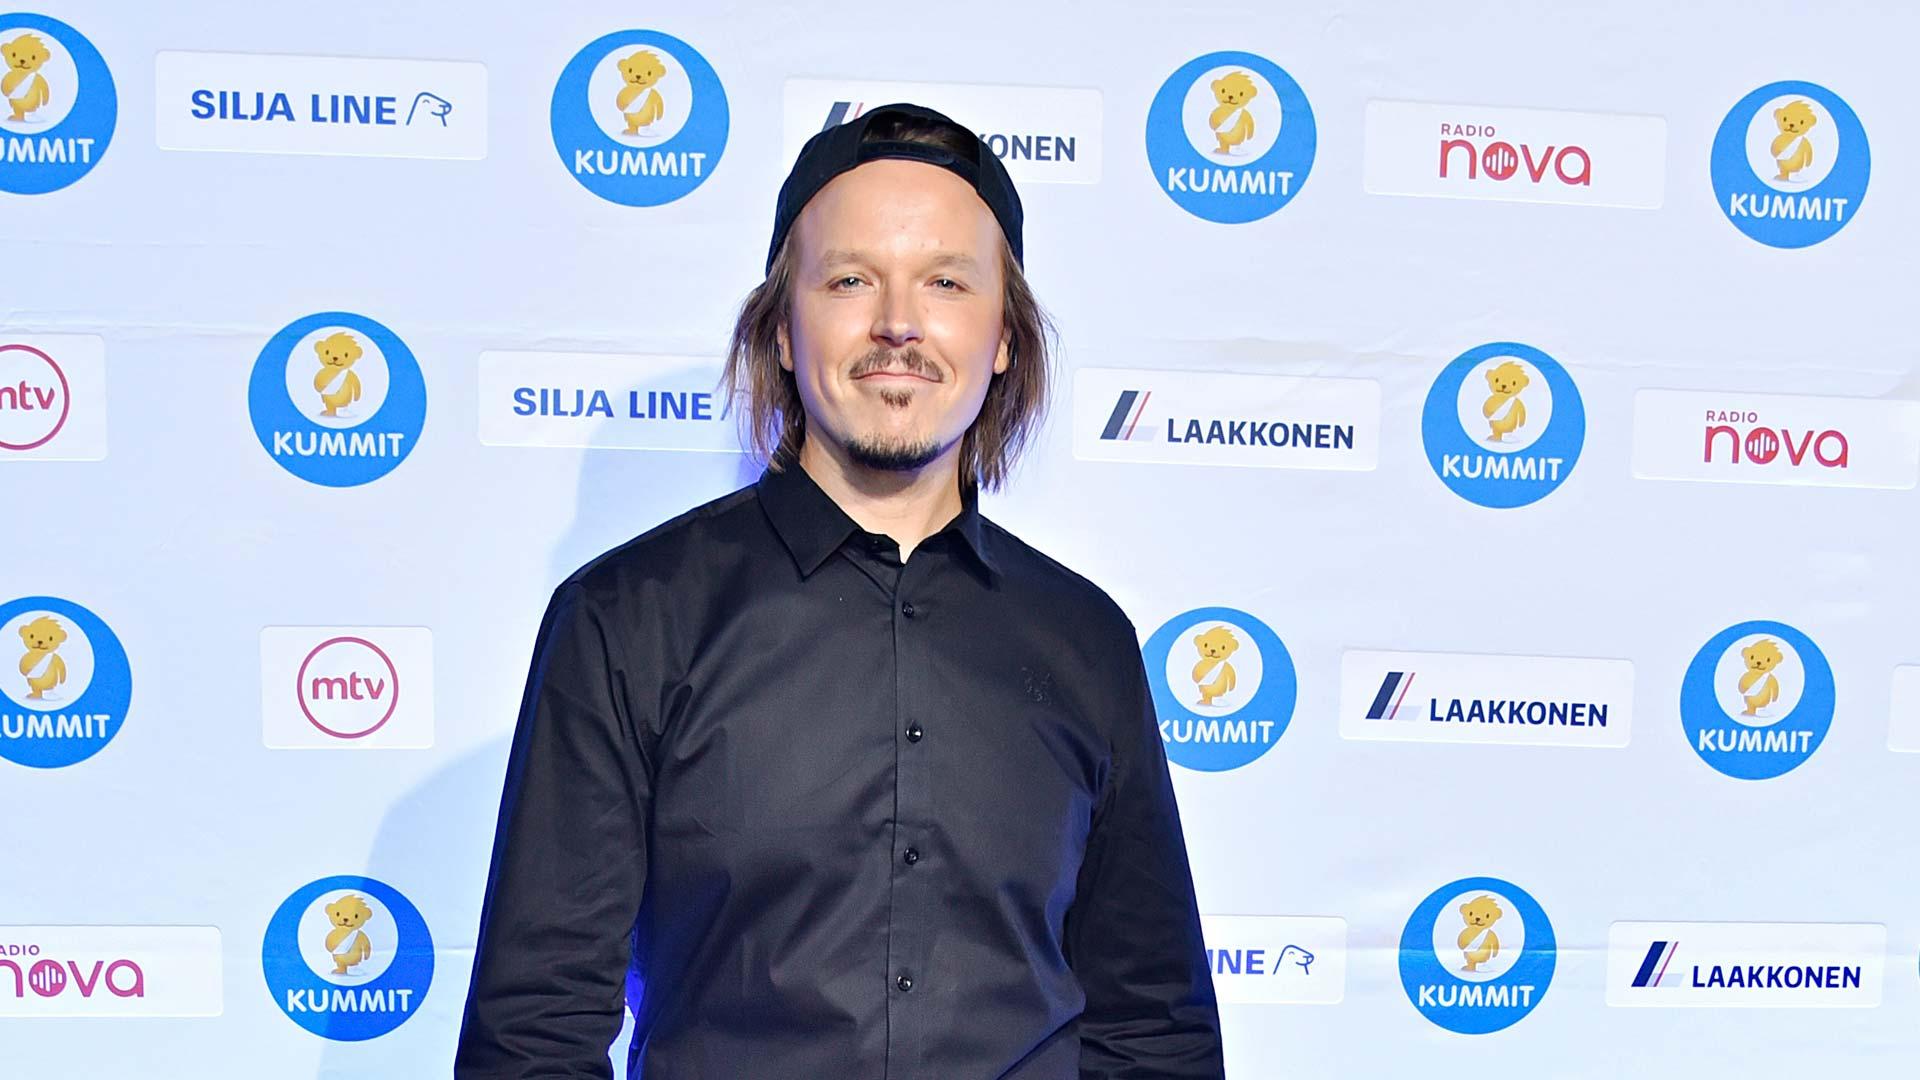 Jukka Poika